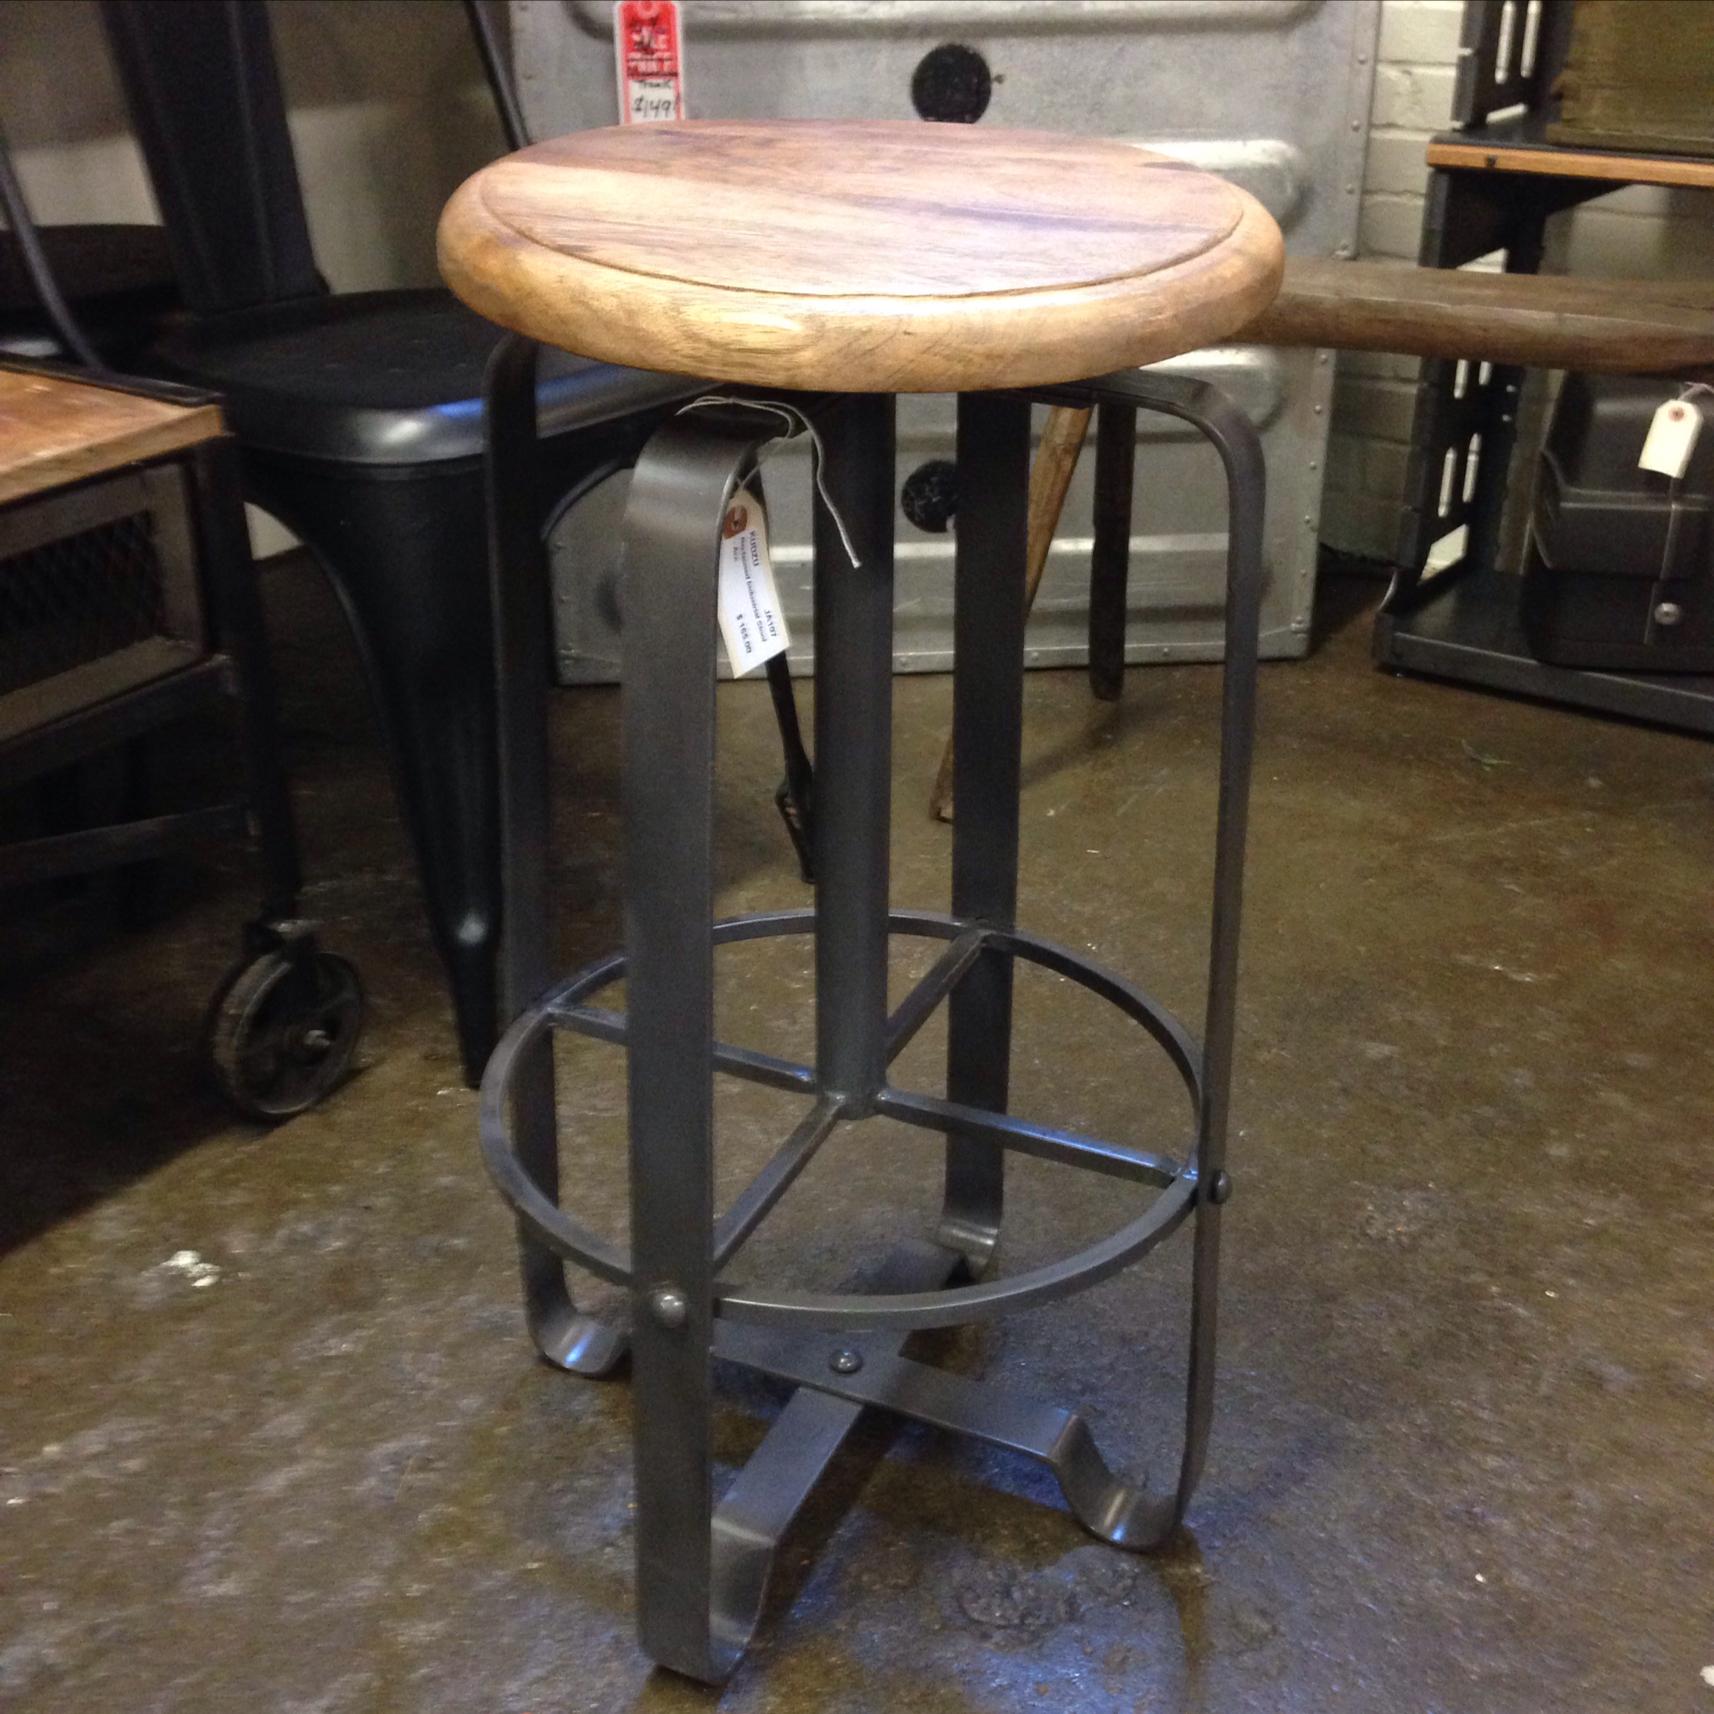 Pleasing Adjustable Reclaimed Wood Metal Stool Ibusinesslaw Wood Chair Design Ideas Ibusinesslaworg